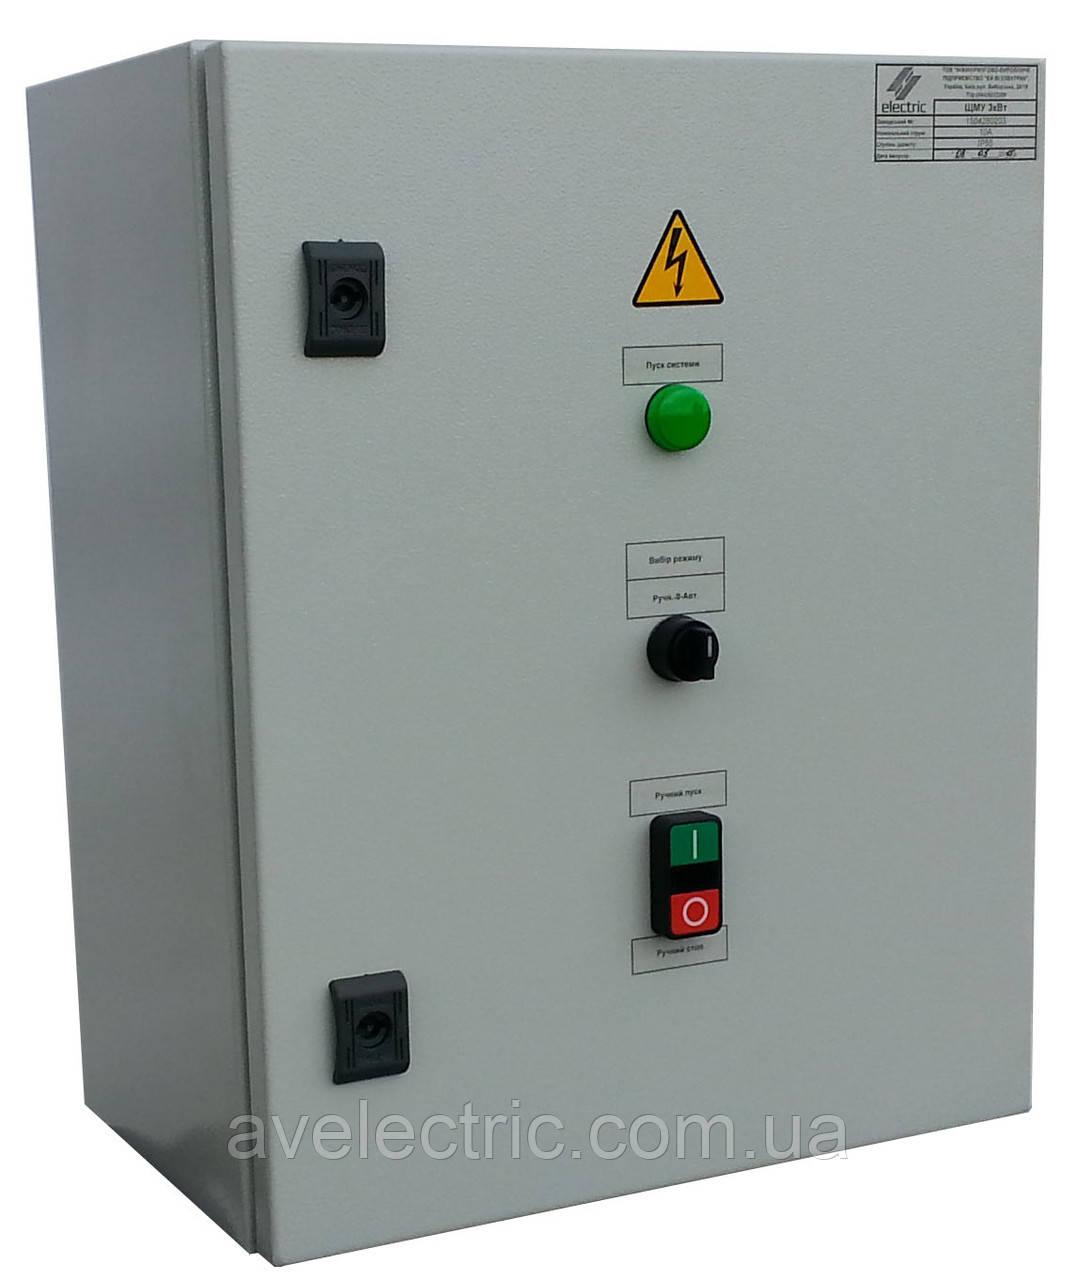 Ящик управления электродвигателем Я5411-2074-54У3